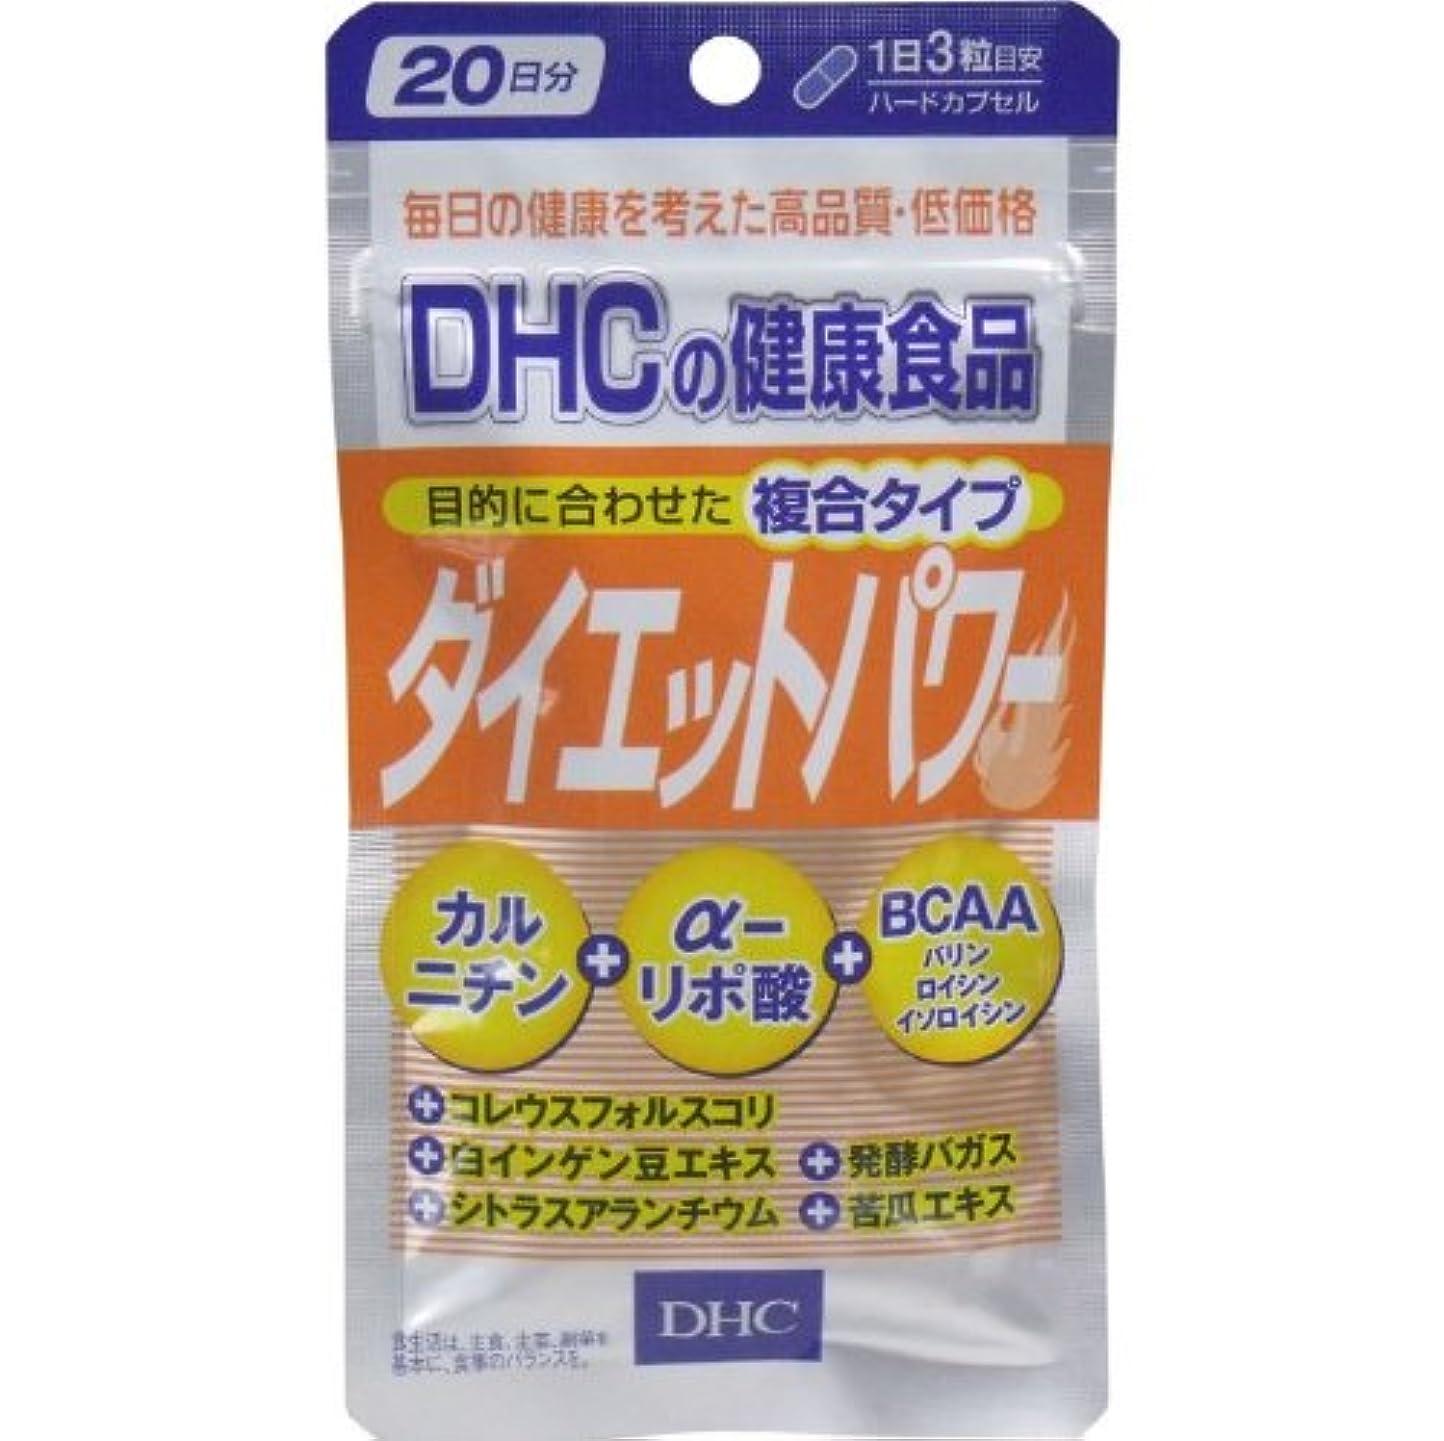 キャッチ滅多たるみDHC ダイエットパワー 60粒入 20日分「3点セット」